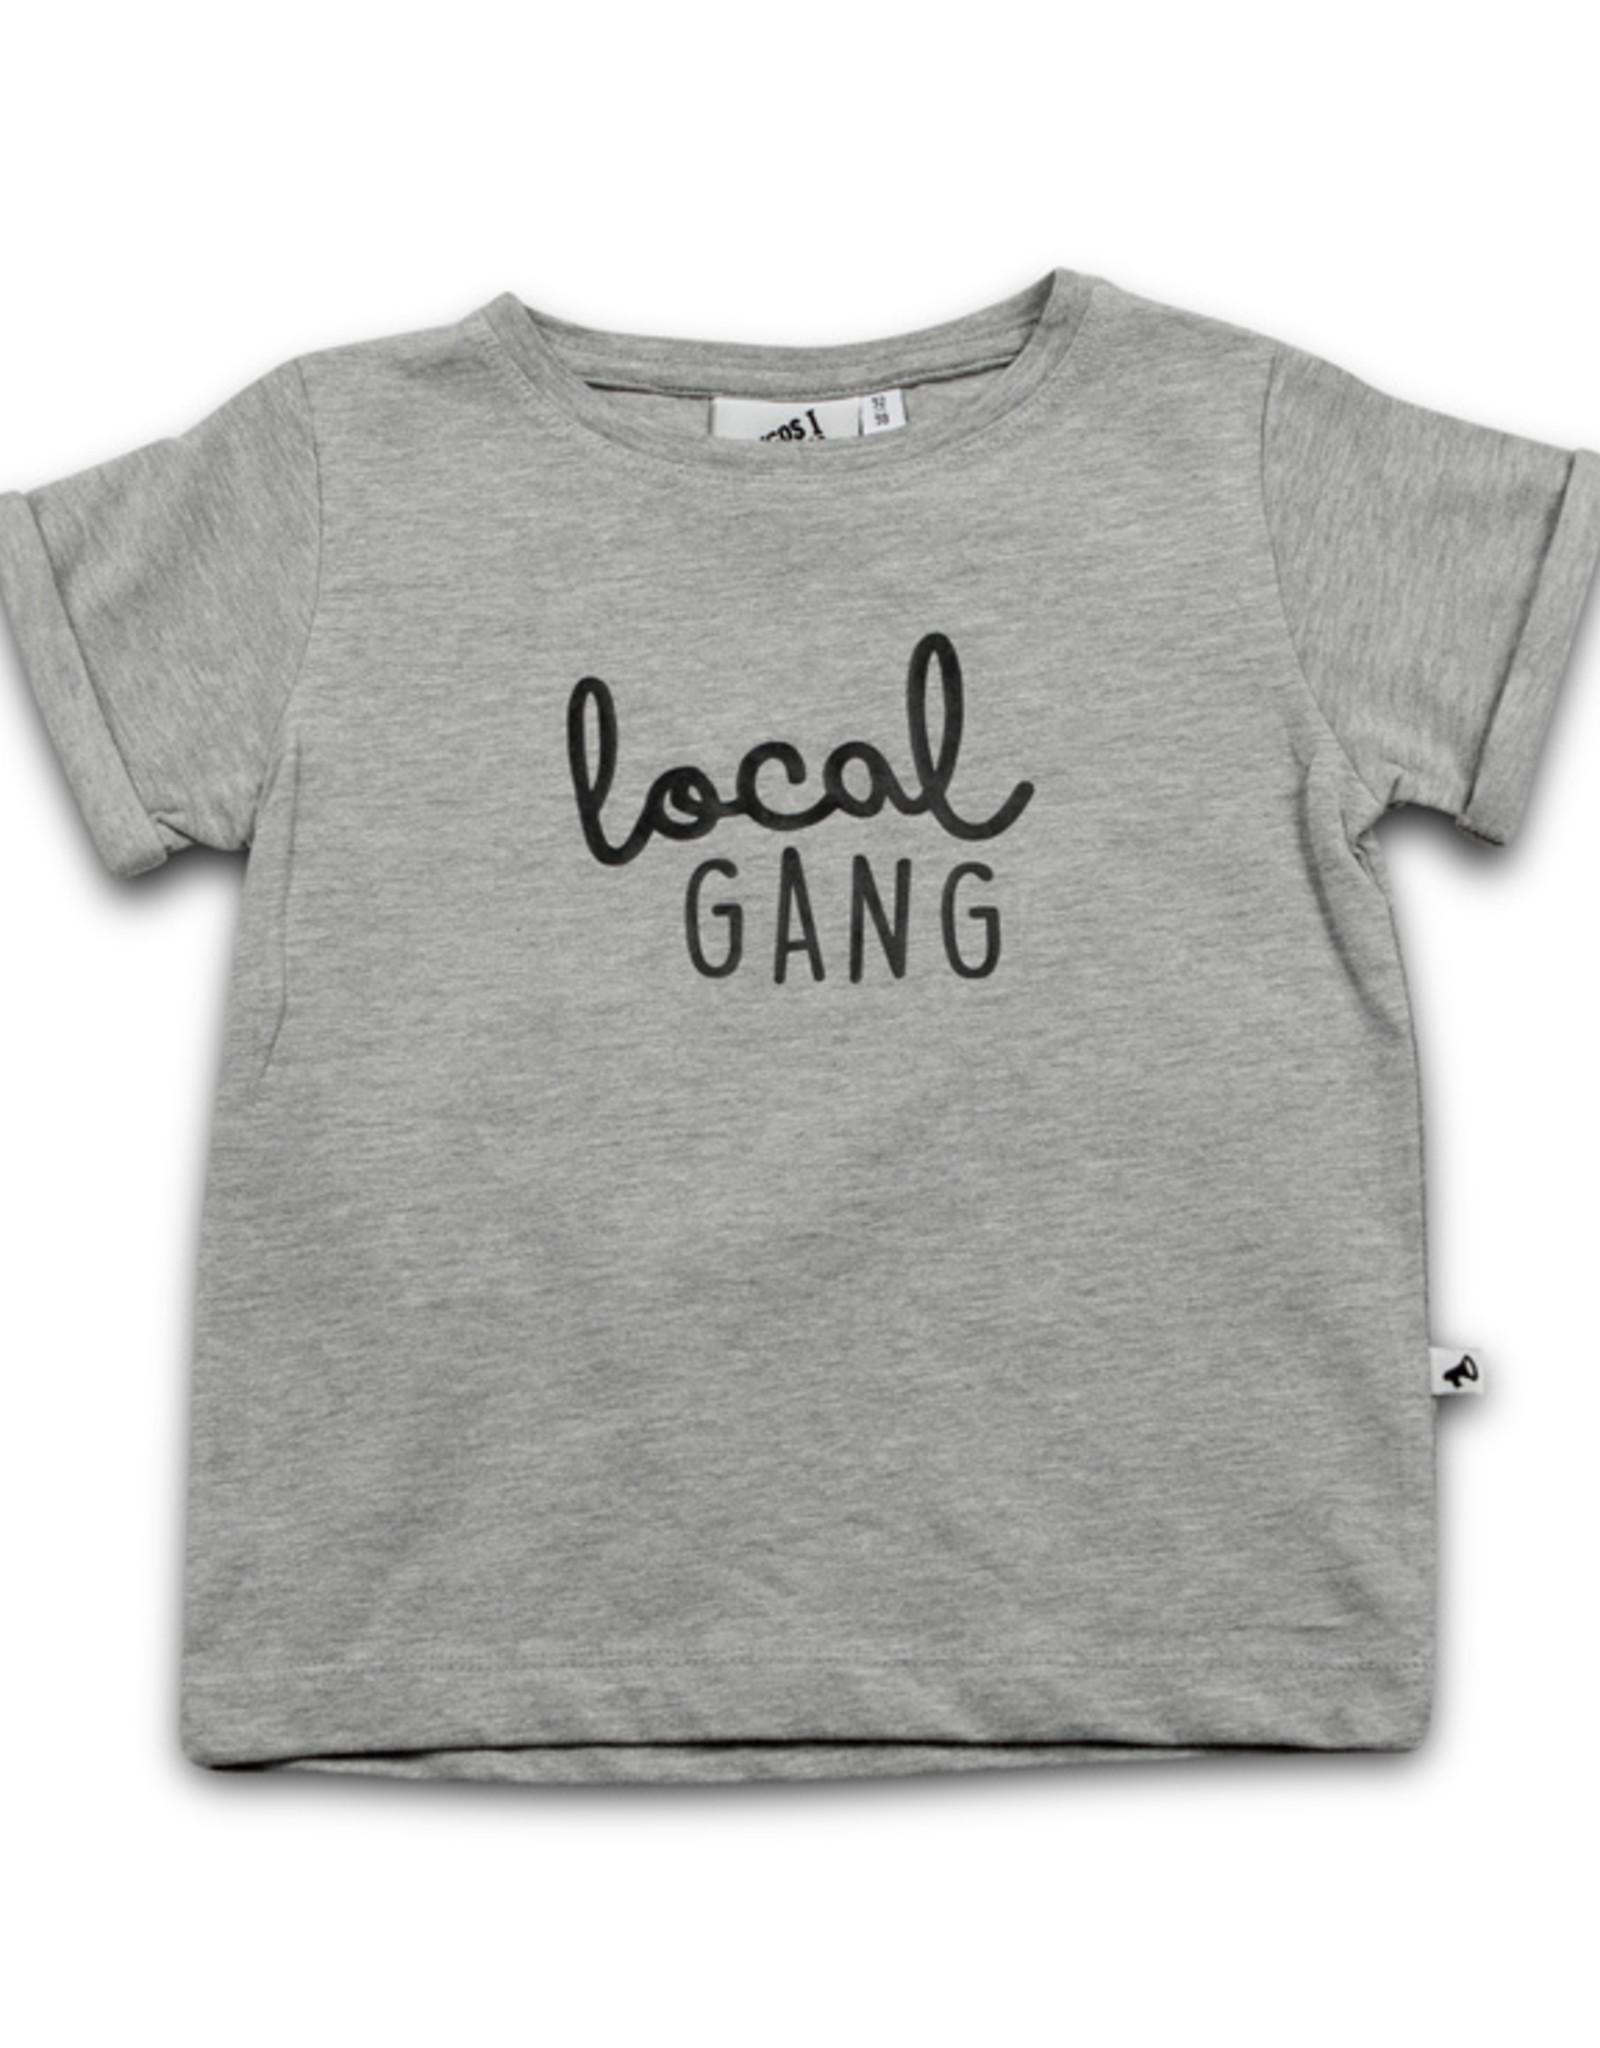 Cos i said so Cos i said so - Local gang shirt - Grey